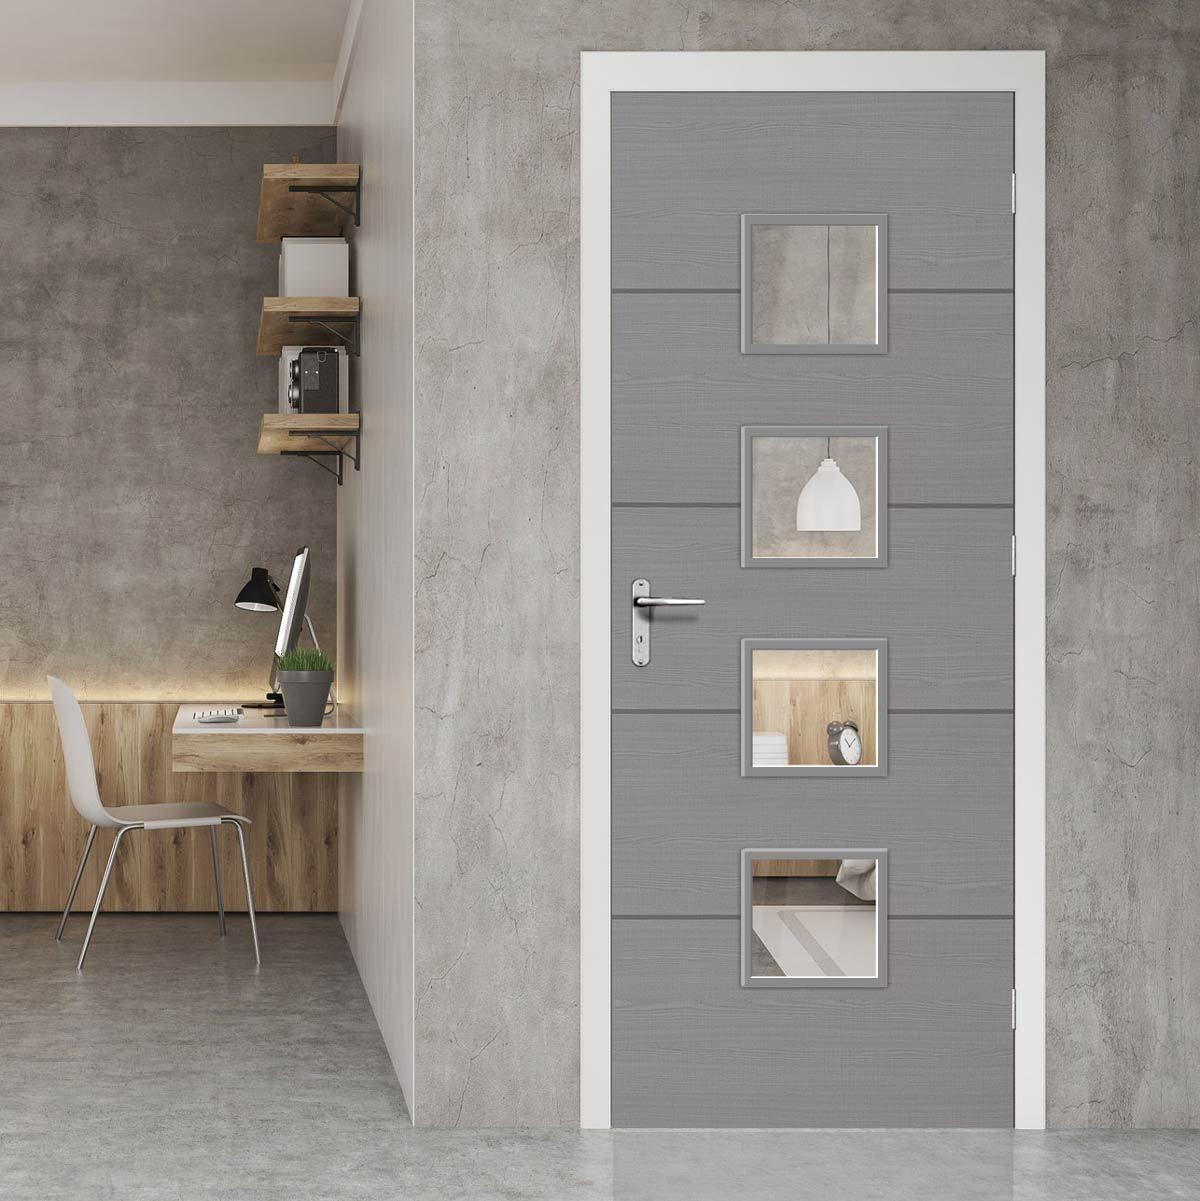 Bespoke Door Flush Horizontal Grey Inlay American Light Grey Ash Veneer Firedoor Greydoor Fire Doors Design Fire Doors Home Interior Design